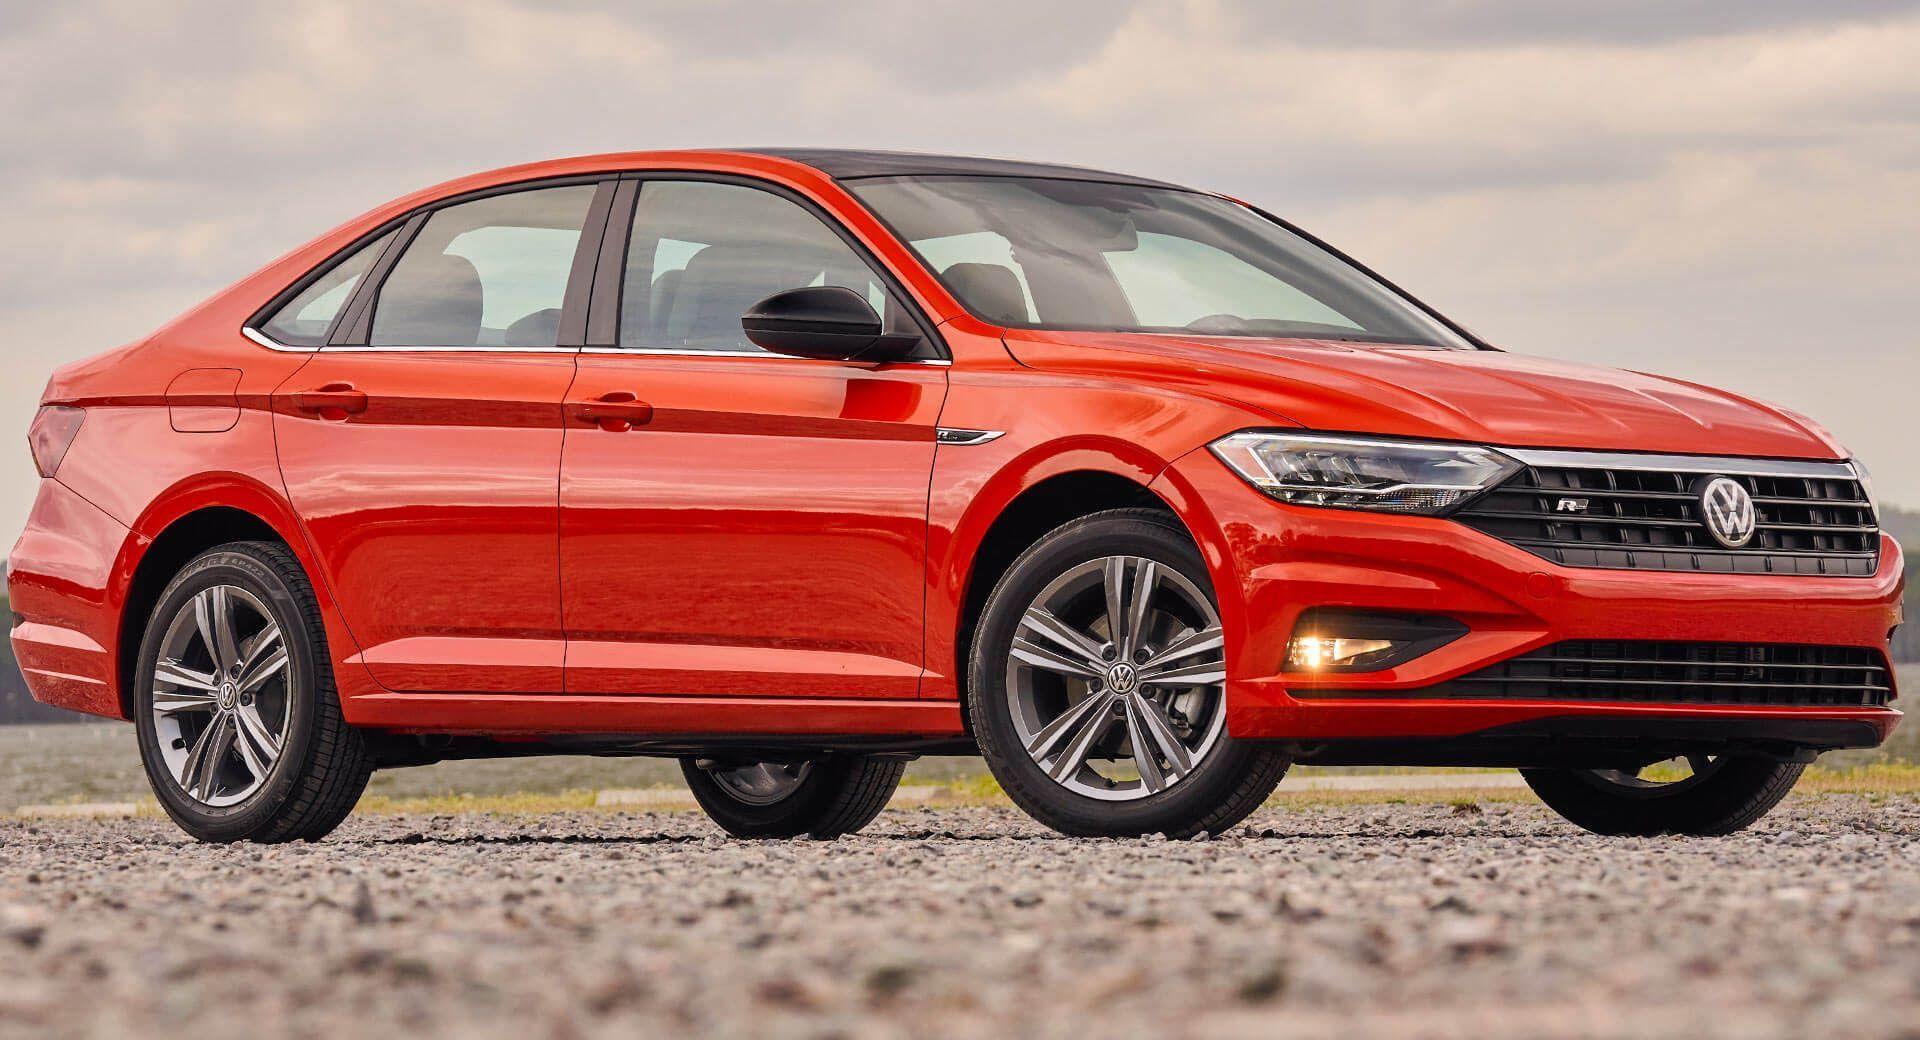 New Performance Vw Jetta Gli Will Debut Within A Year News Reports Volkswagenjetta Jetta Gli Volkswagen Jetta Vw Jetta